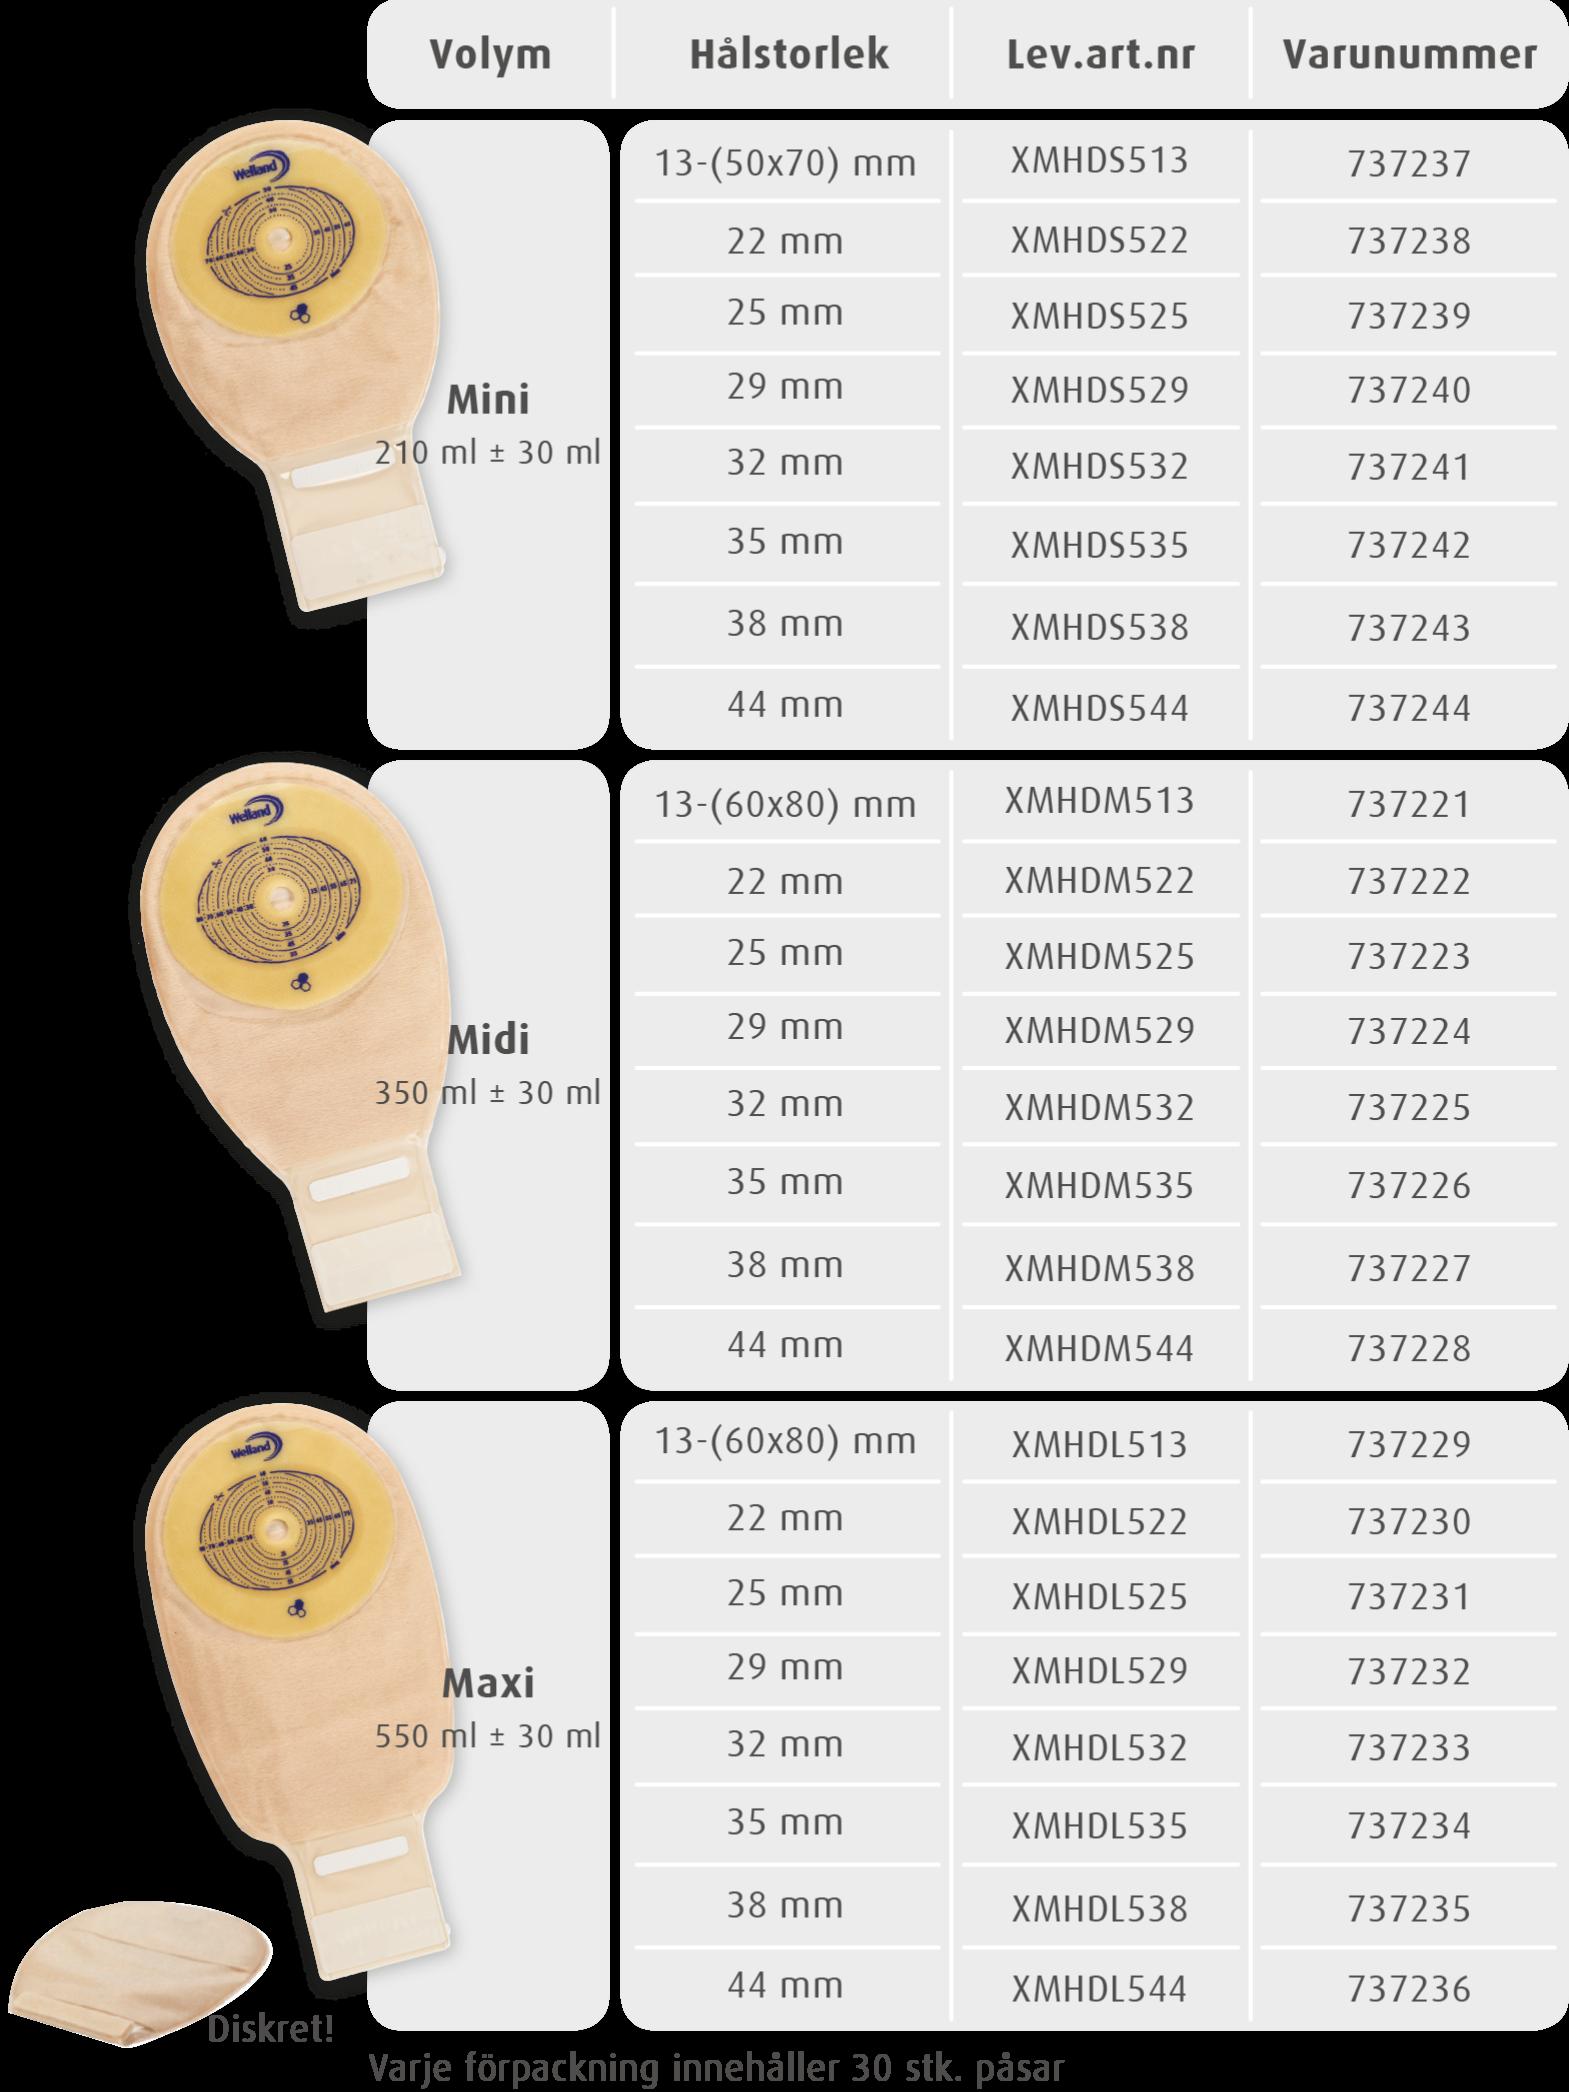 Aurum Tömbar image numbers